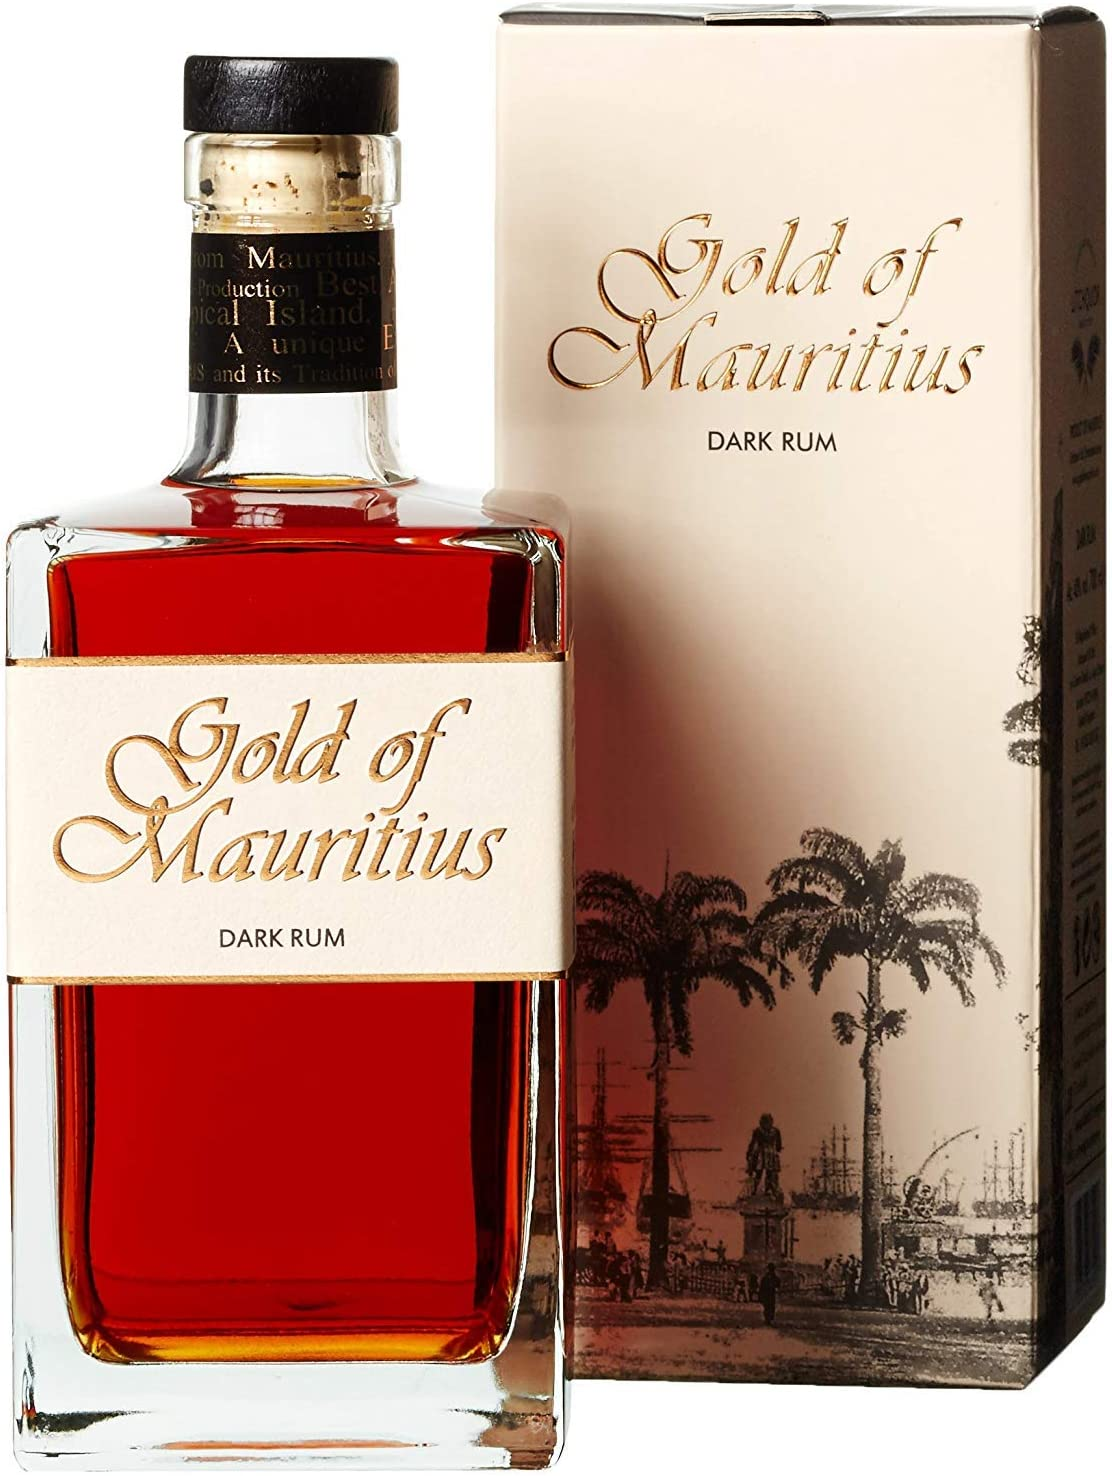 Gold of Mauritius Dark Rum - 1 x 0.7 l